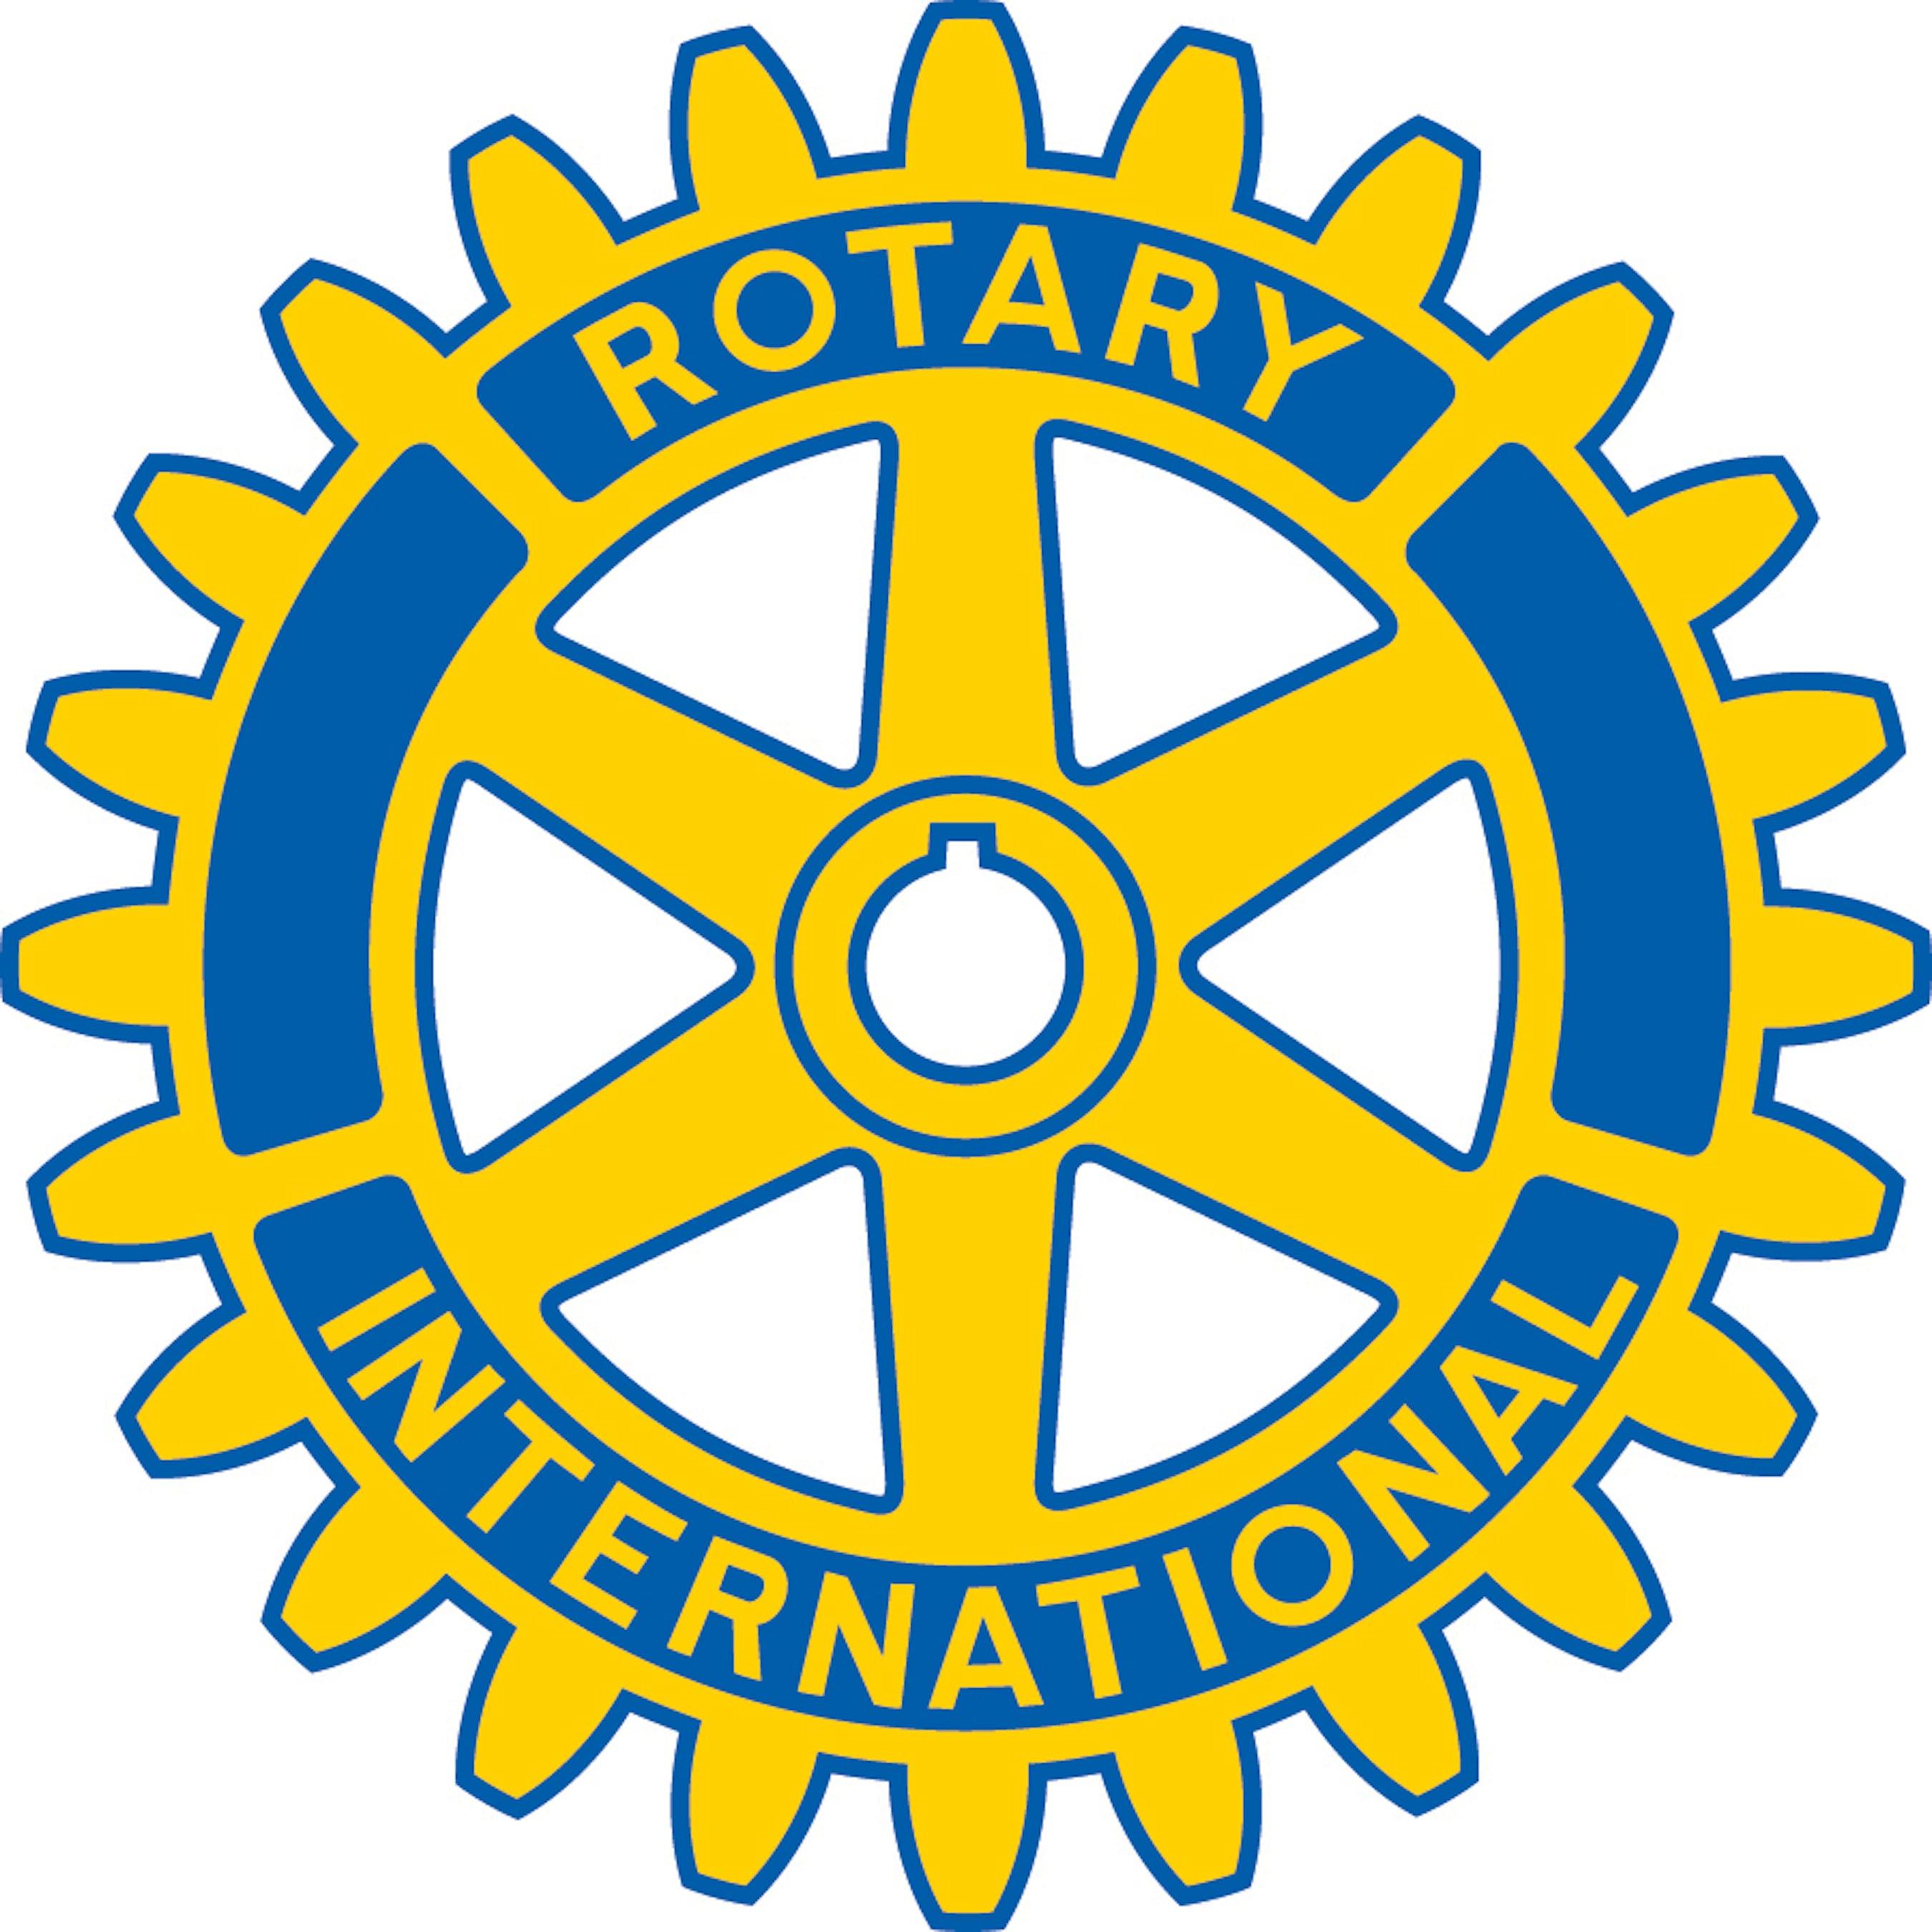 Il Logo del Rotary Club, organizzazione internazionale di servizio presente in tutto il mondo